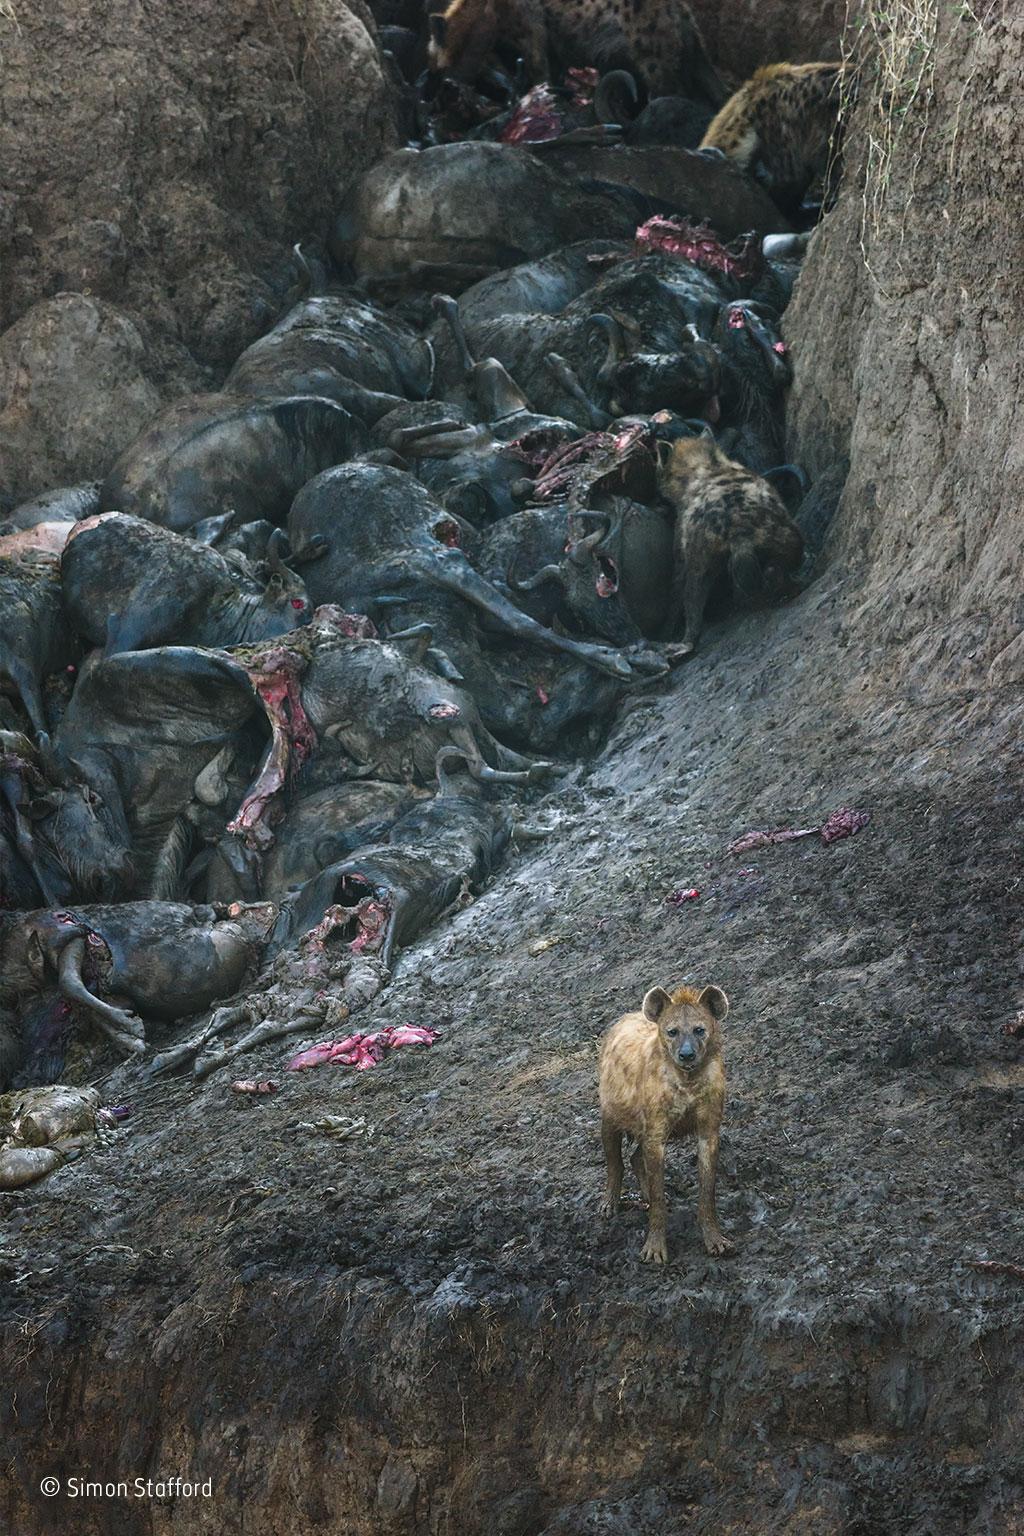 simon-stafford_wildlife-photographer-of-the-year-mammals-winner